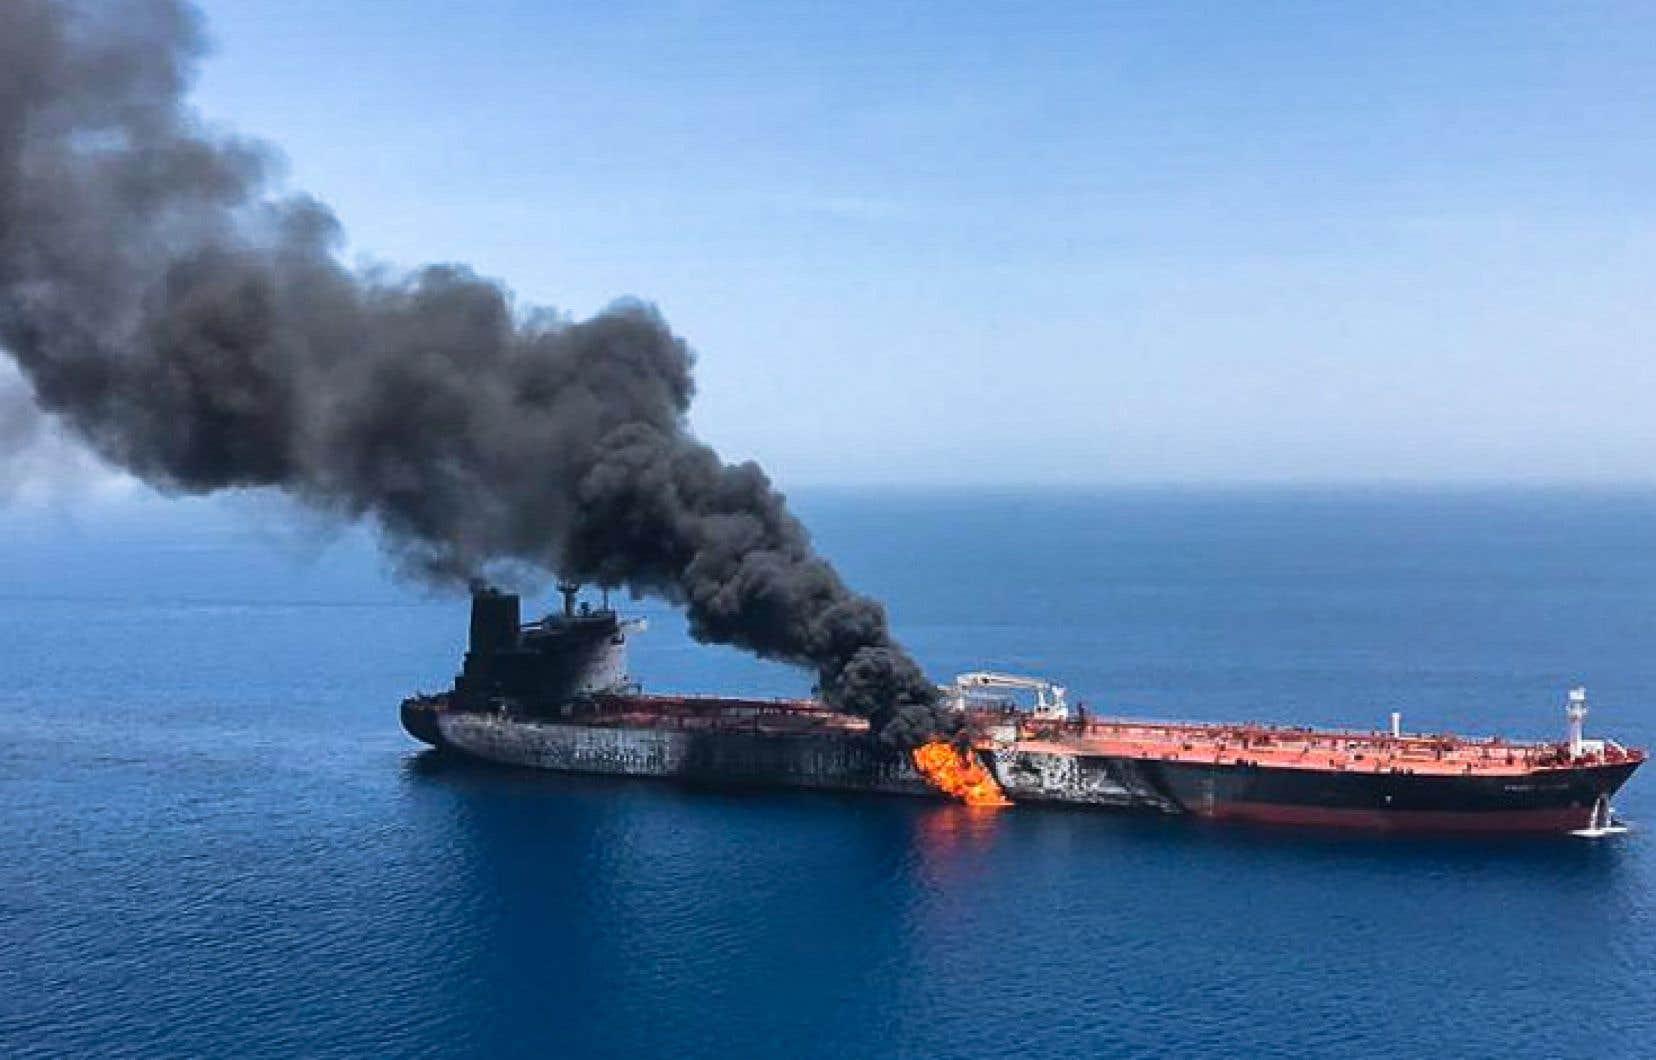 Deux pétroliers, norvégien et japonais, ont été la cible jeudi d'une attaque dans un passage maritime stratégique mondial, ce qui a immédiatement fait grimper les prix du pétrole.